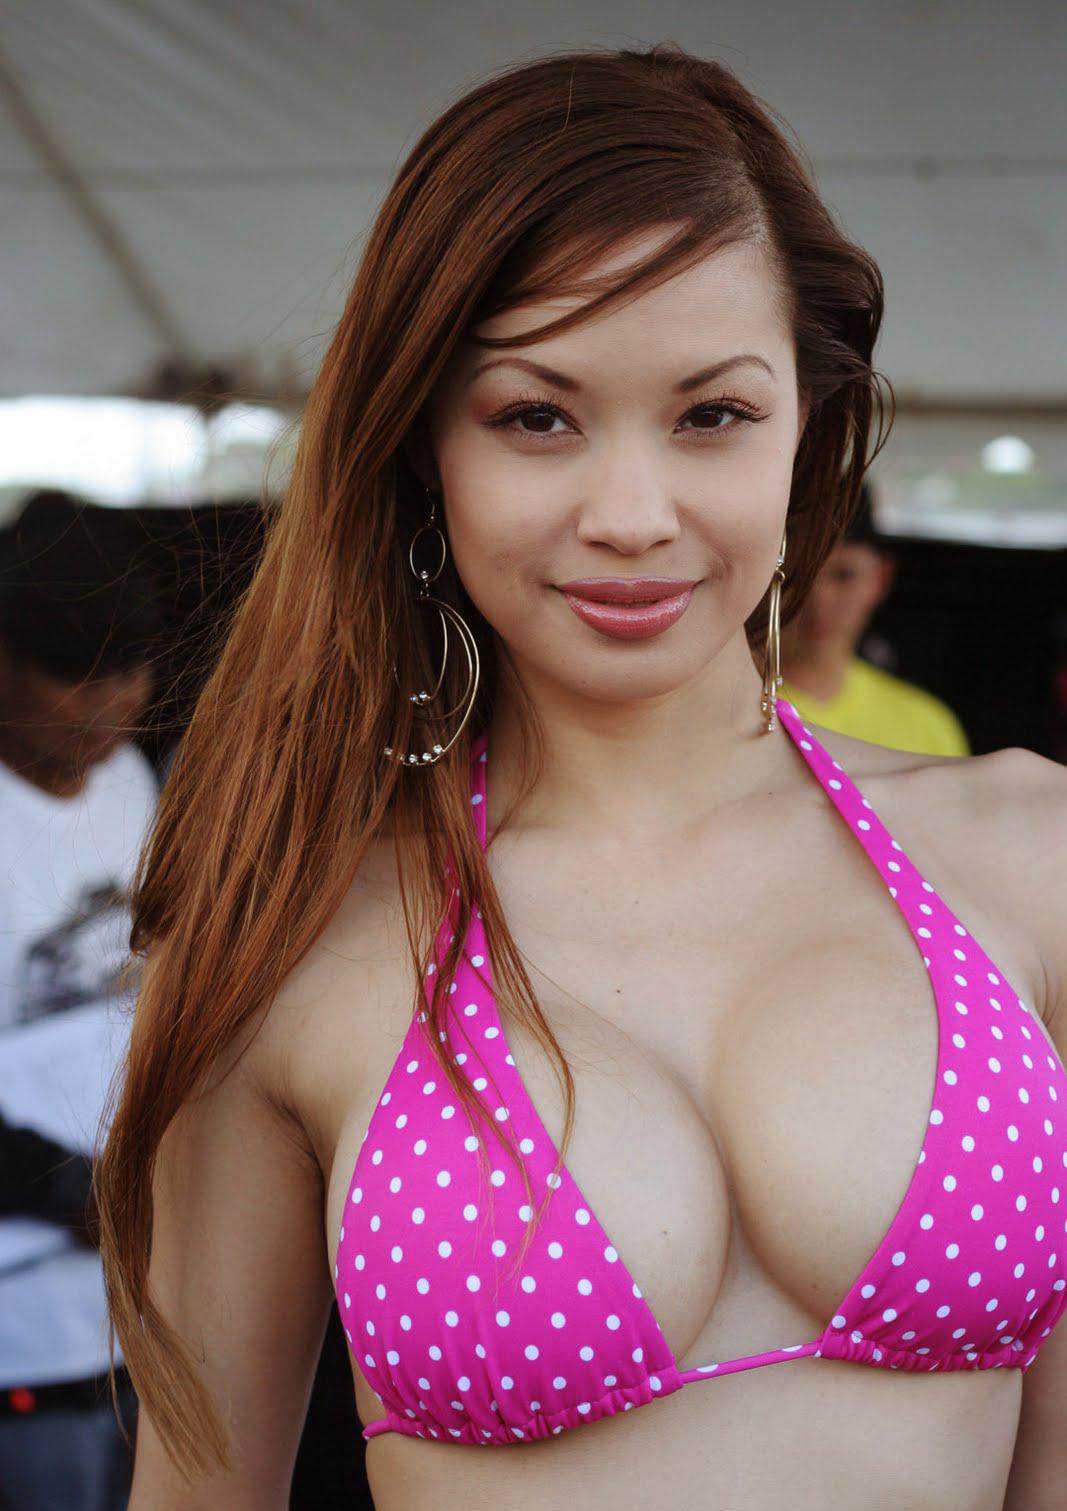 Sexfilme & Bilder GRATIS Russian sister tube